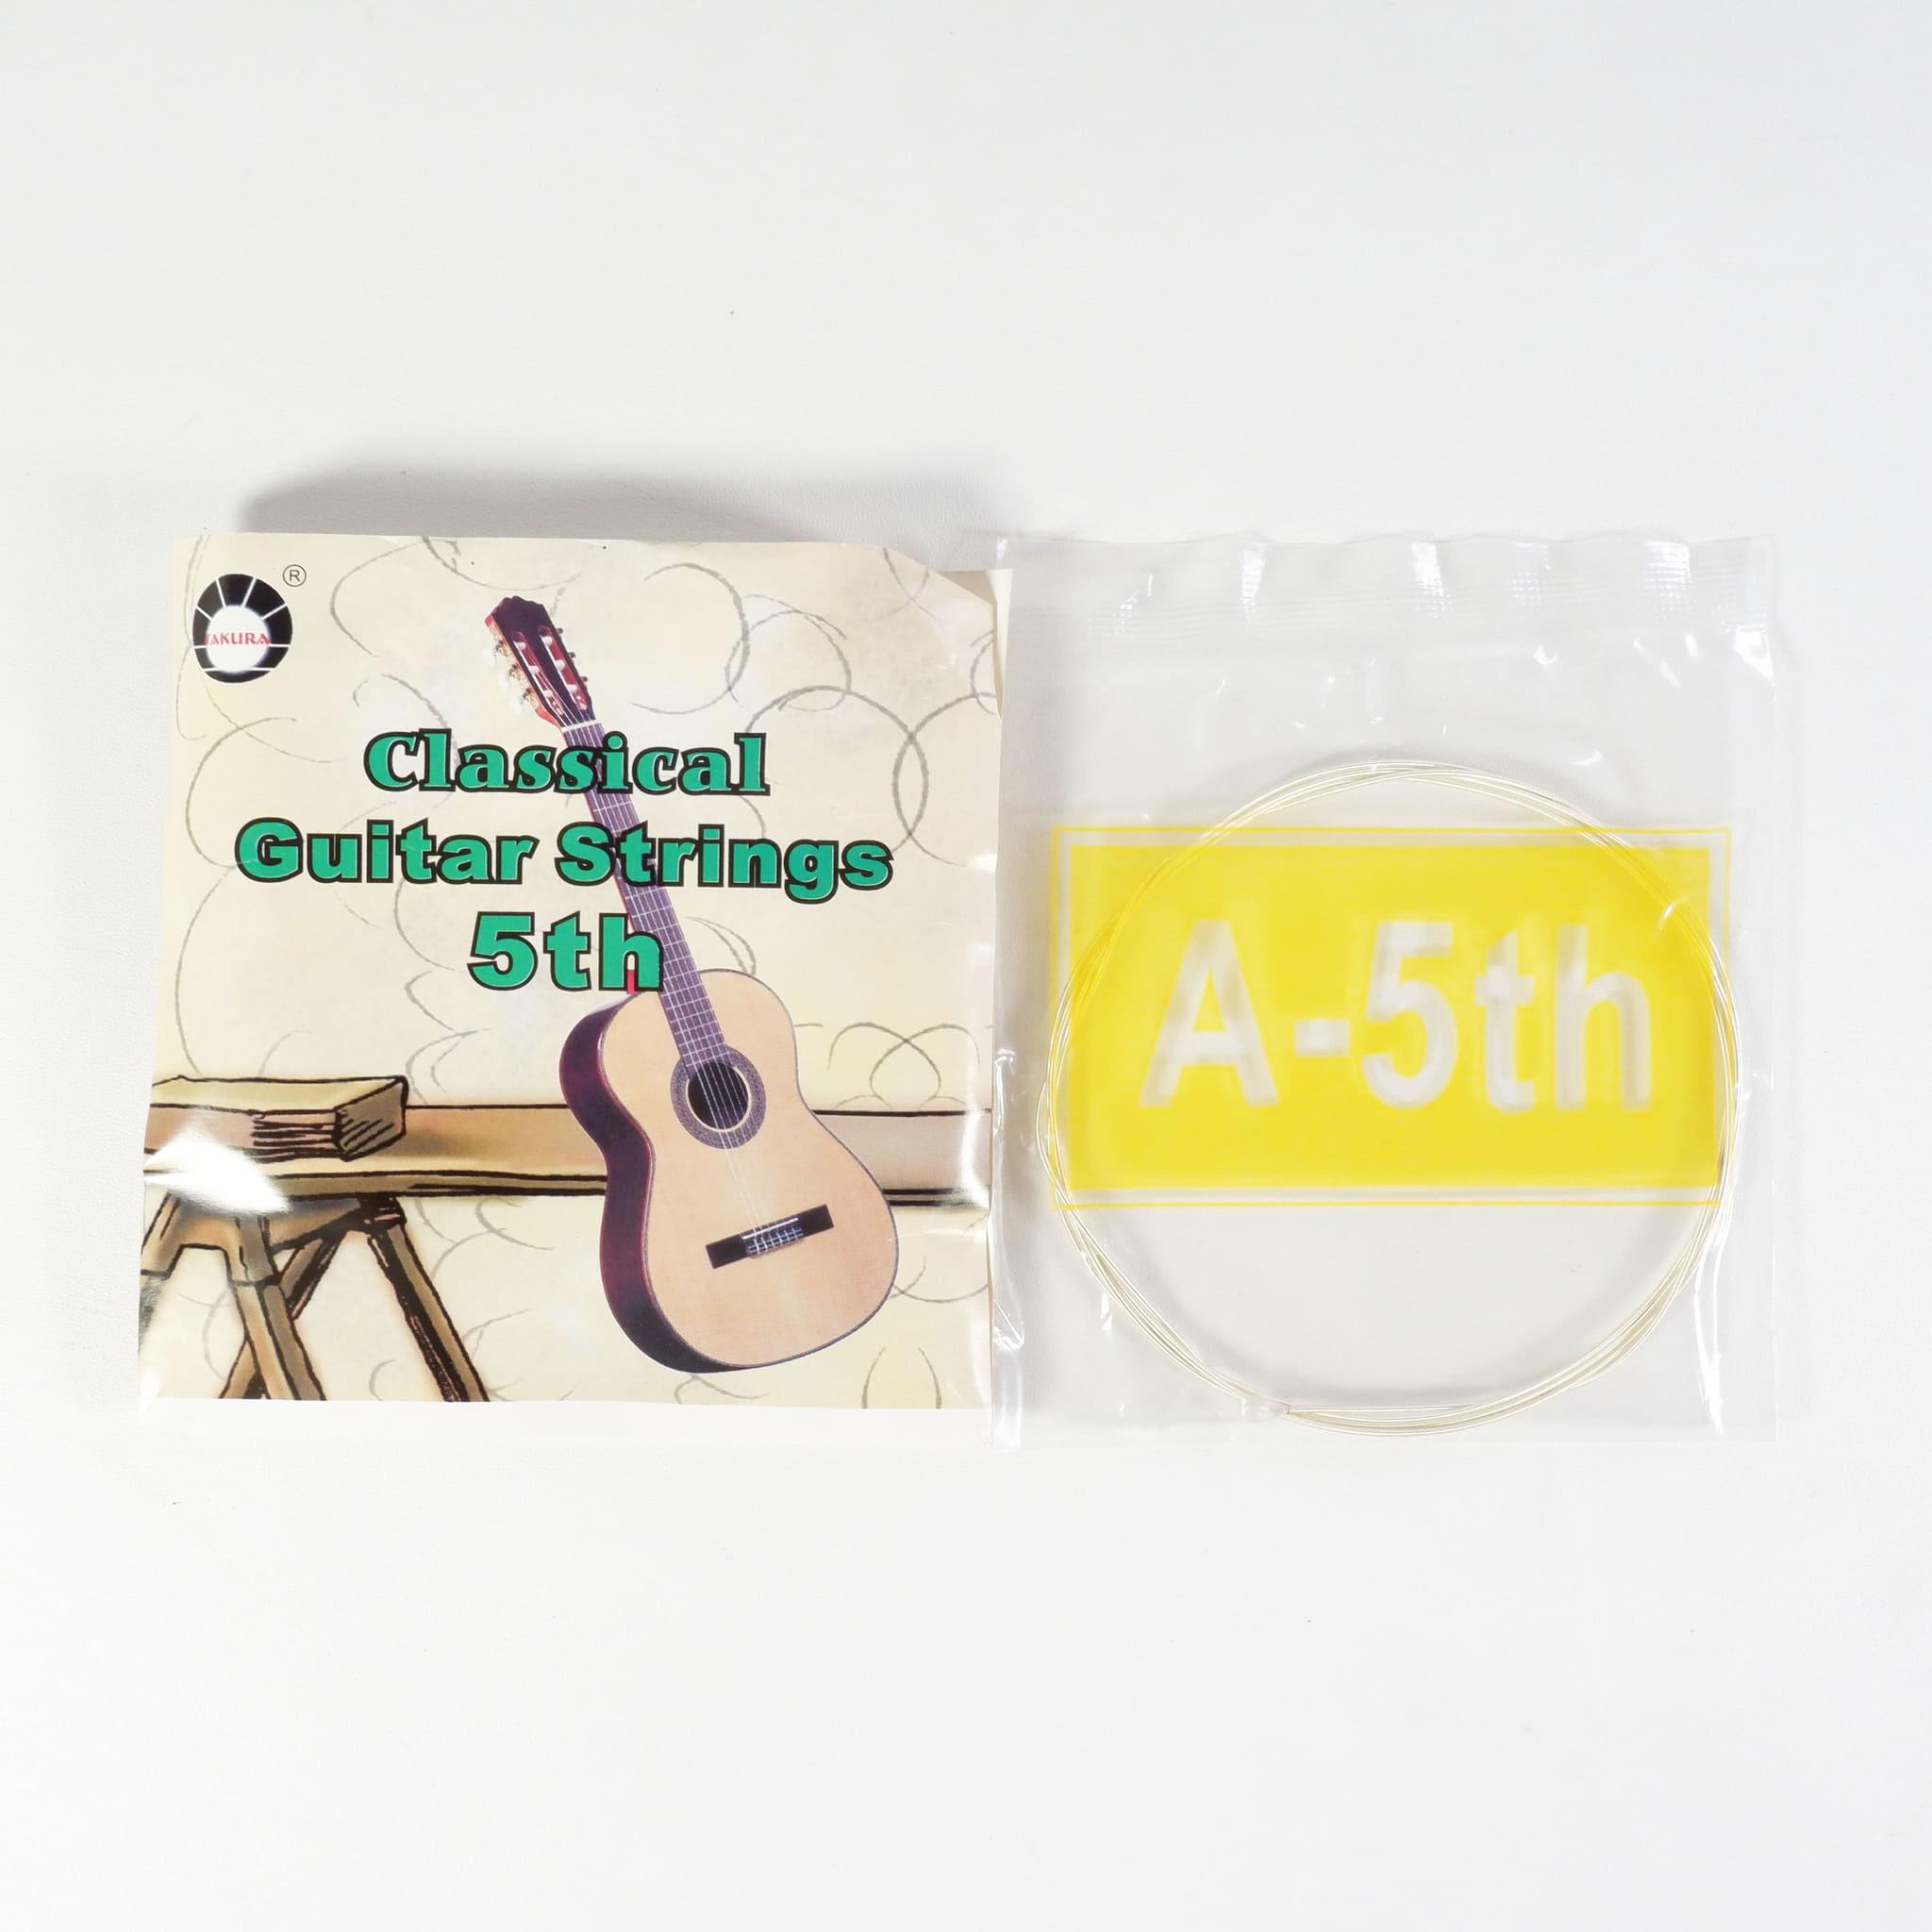 Senar Gitar Satuan Top String 0 16 Daftar Harga Terbaru Dan Plain Lusinan Klasik No 5 A 036 Gcs 102